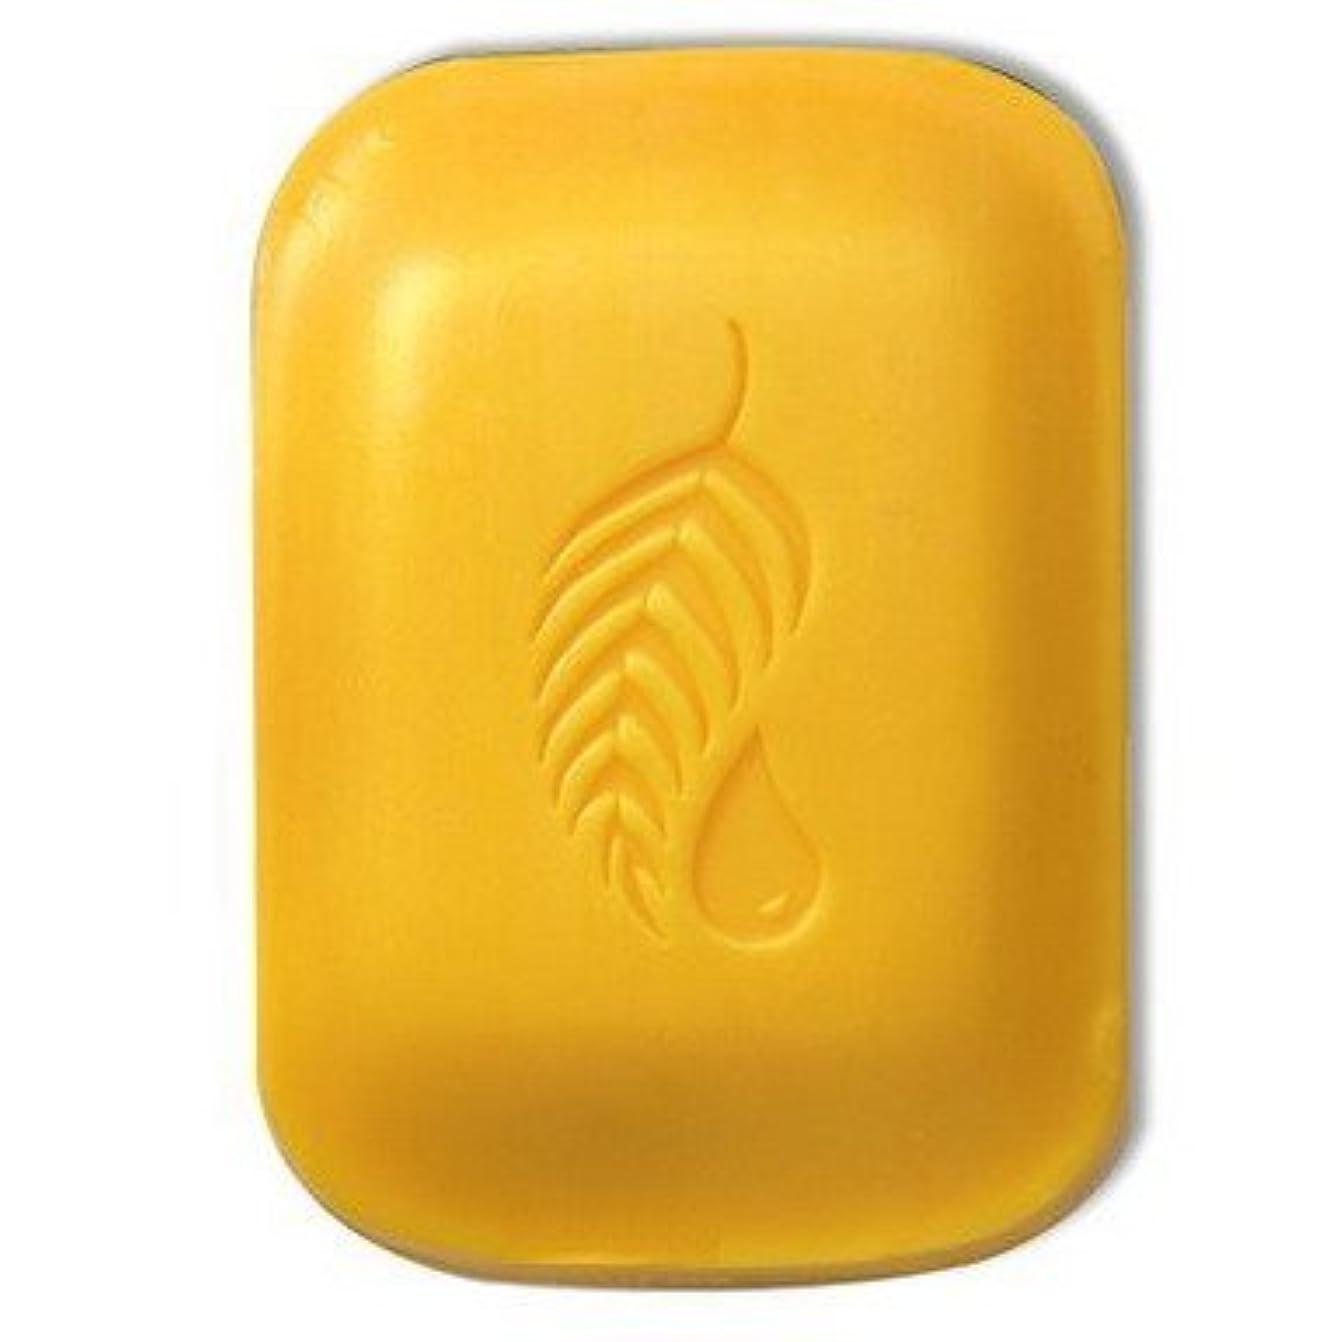 一人で前文急流【Melaleuca(メラルーカ)】ゴールド バー 127.5g [並行輸入品]